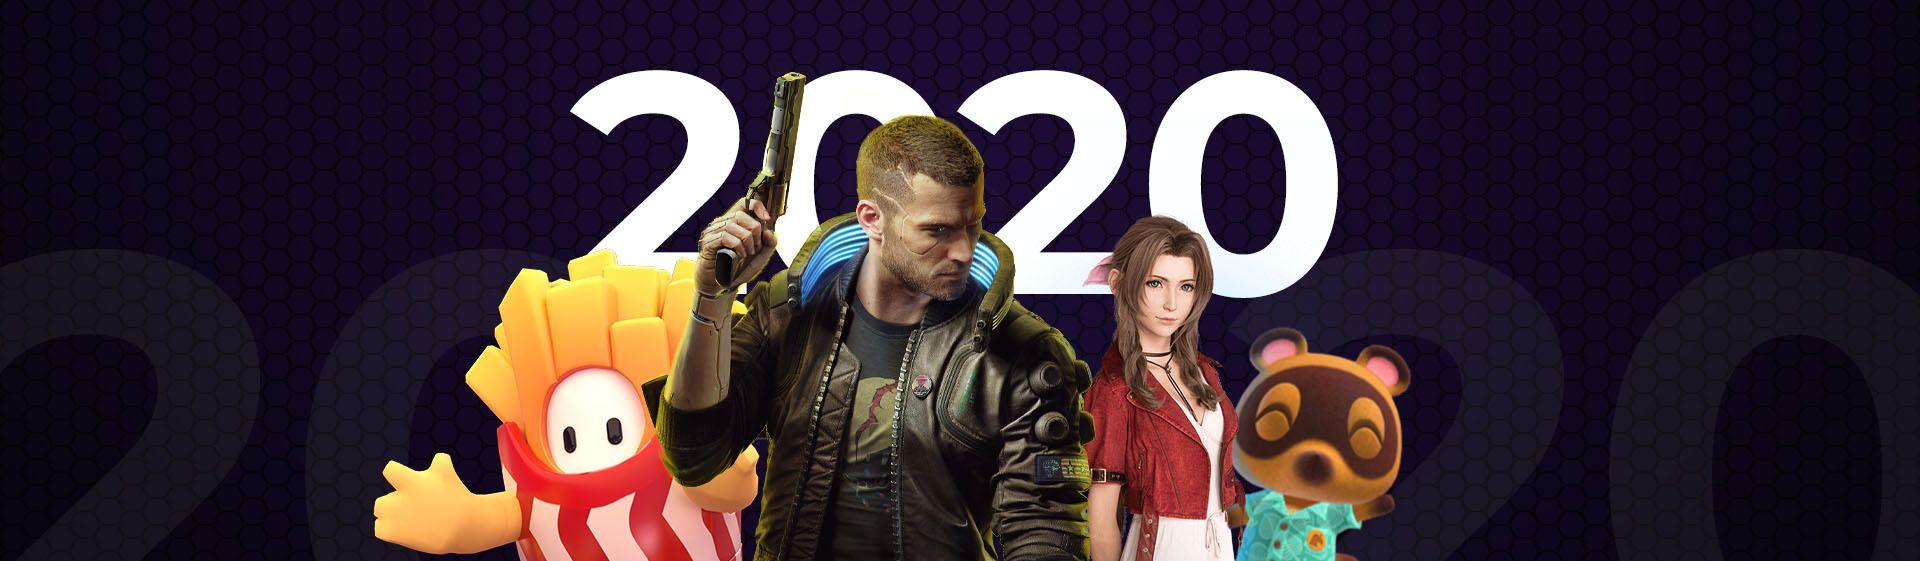 Retrospectiva 2020: relembre os melhores jogos e consoles do ano